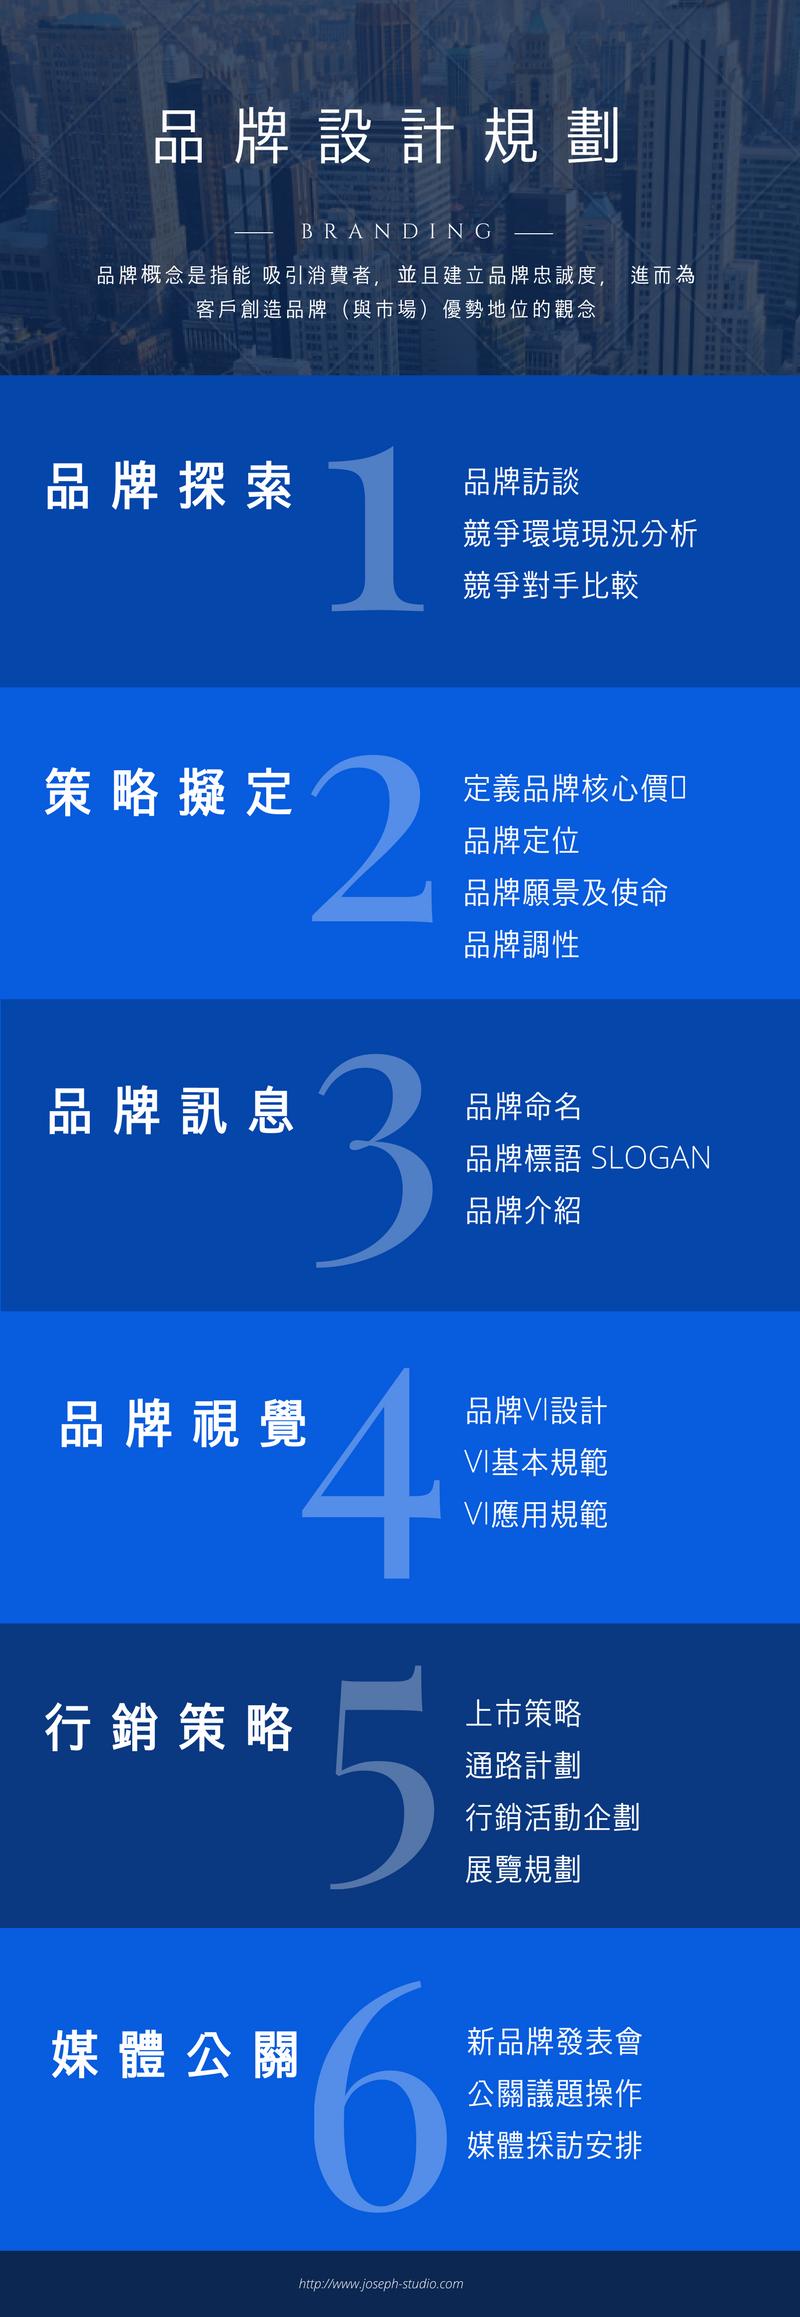 品牌設計規劃六步驟